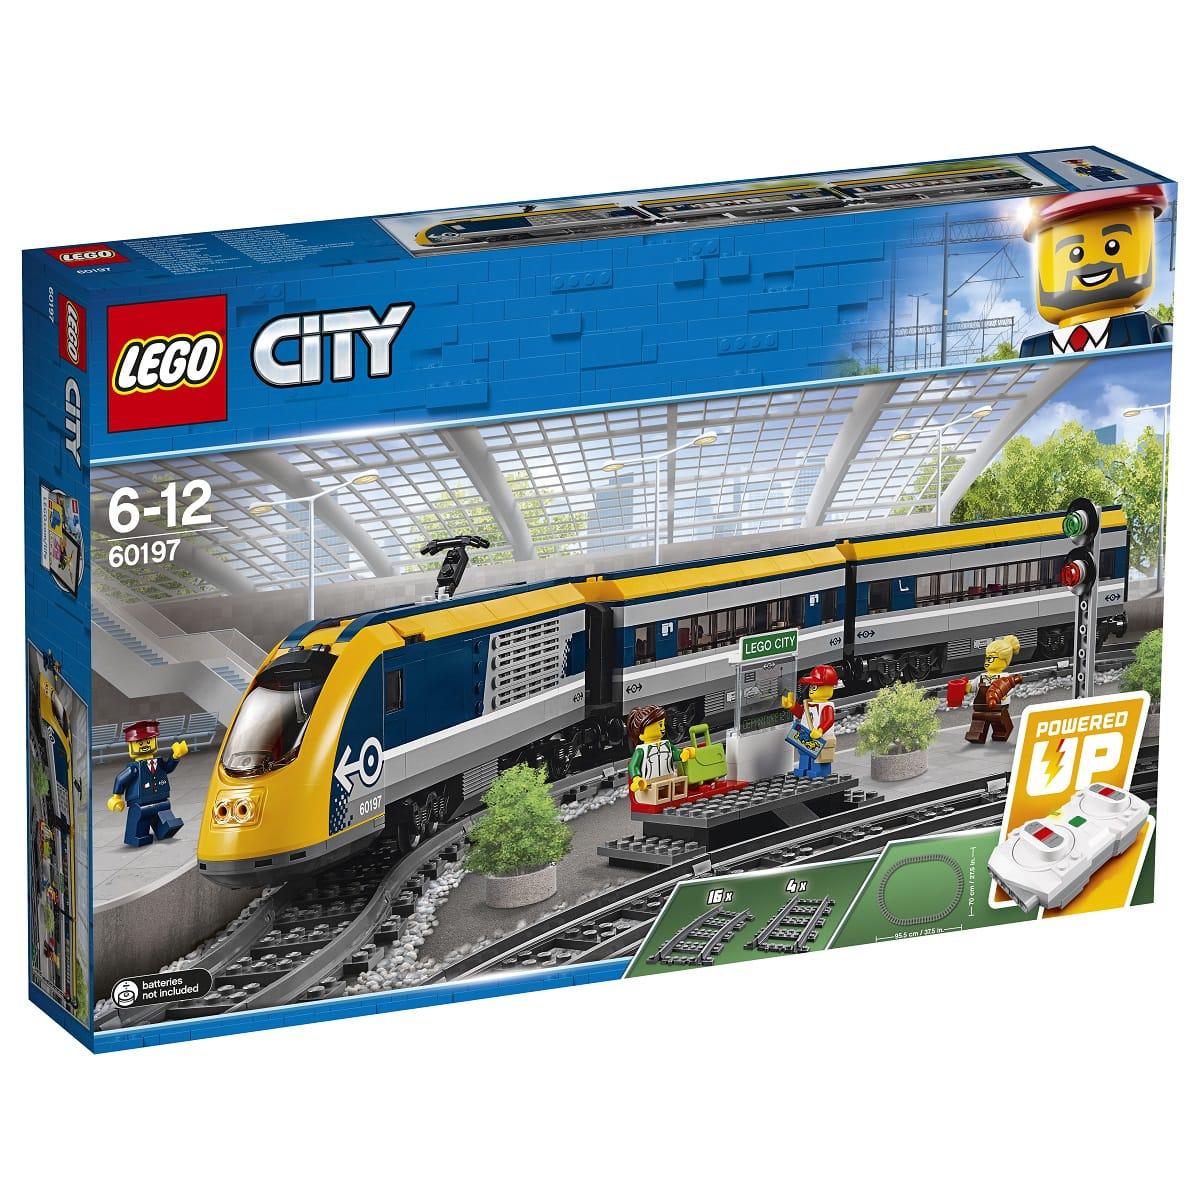 25% remboursés en fidélité sur les jouets Lego City & Friends - Ex: Lego City Le train de passagers télécommandé 60197 (via 25€ en fidélité)